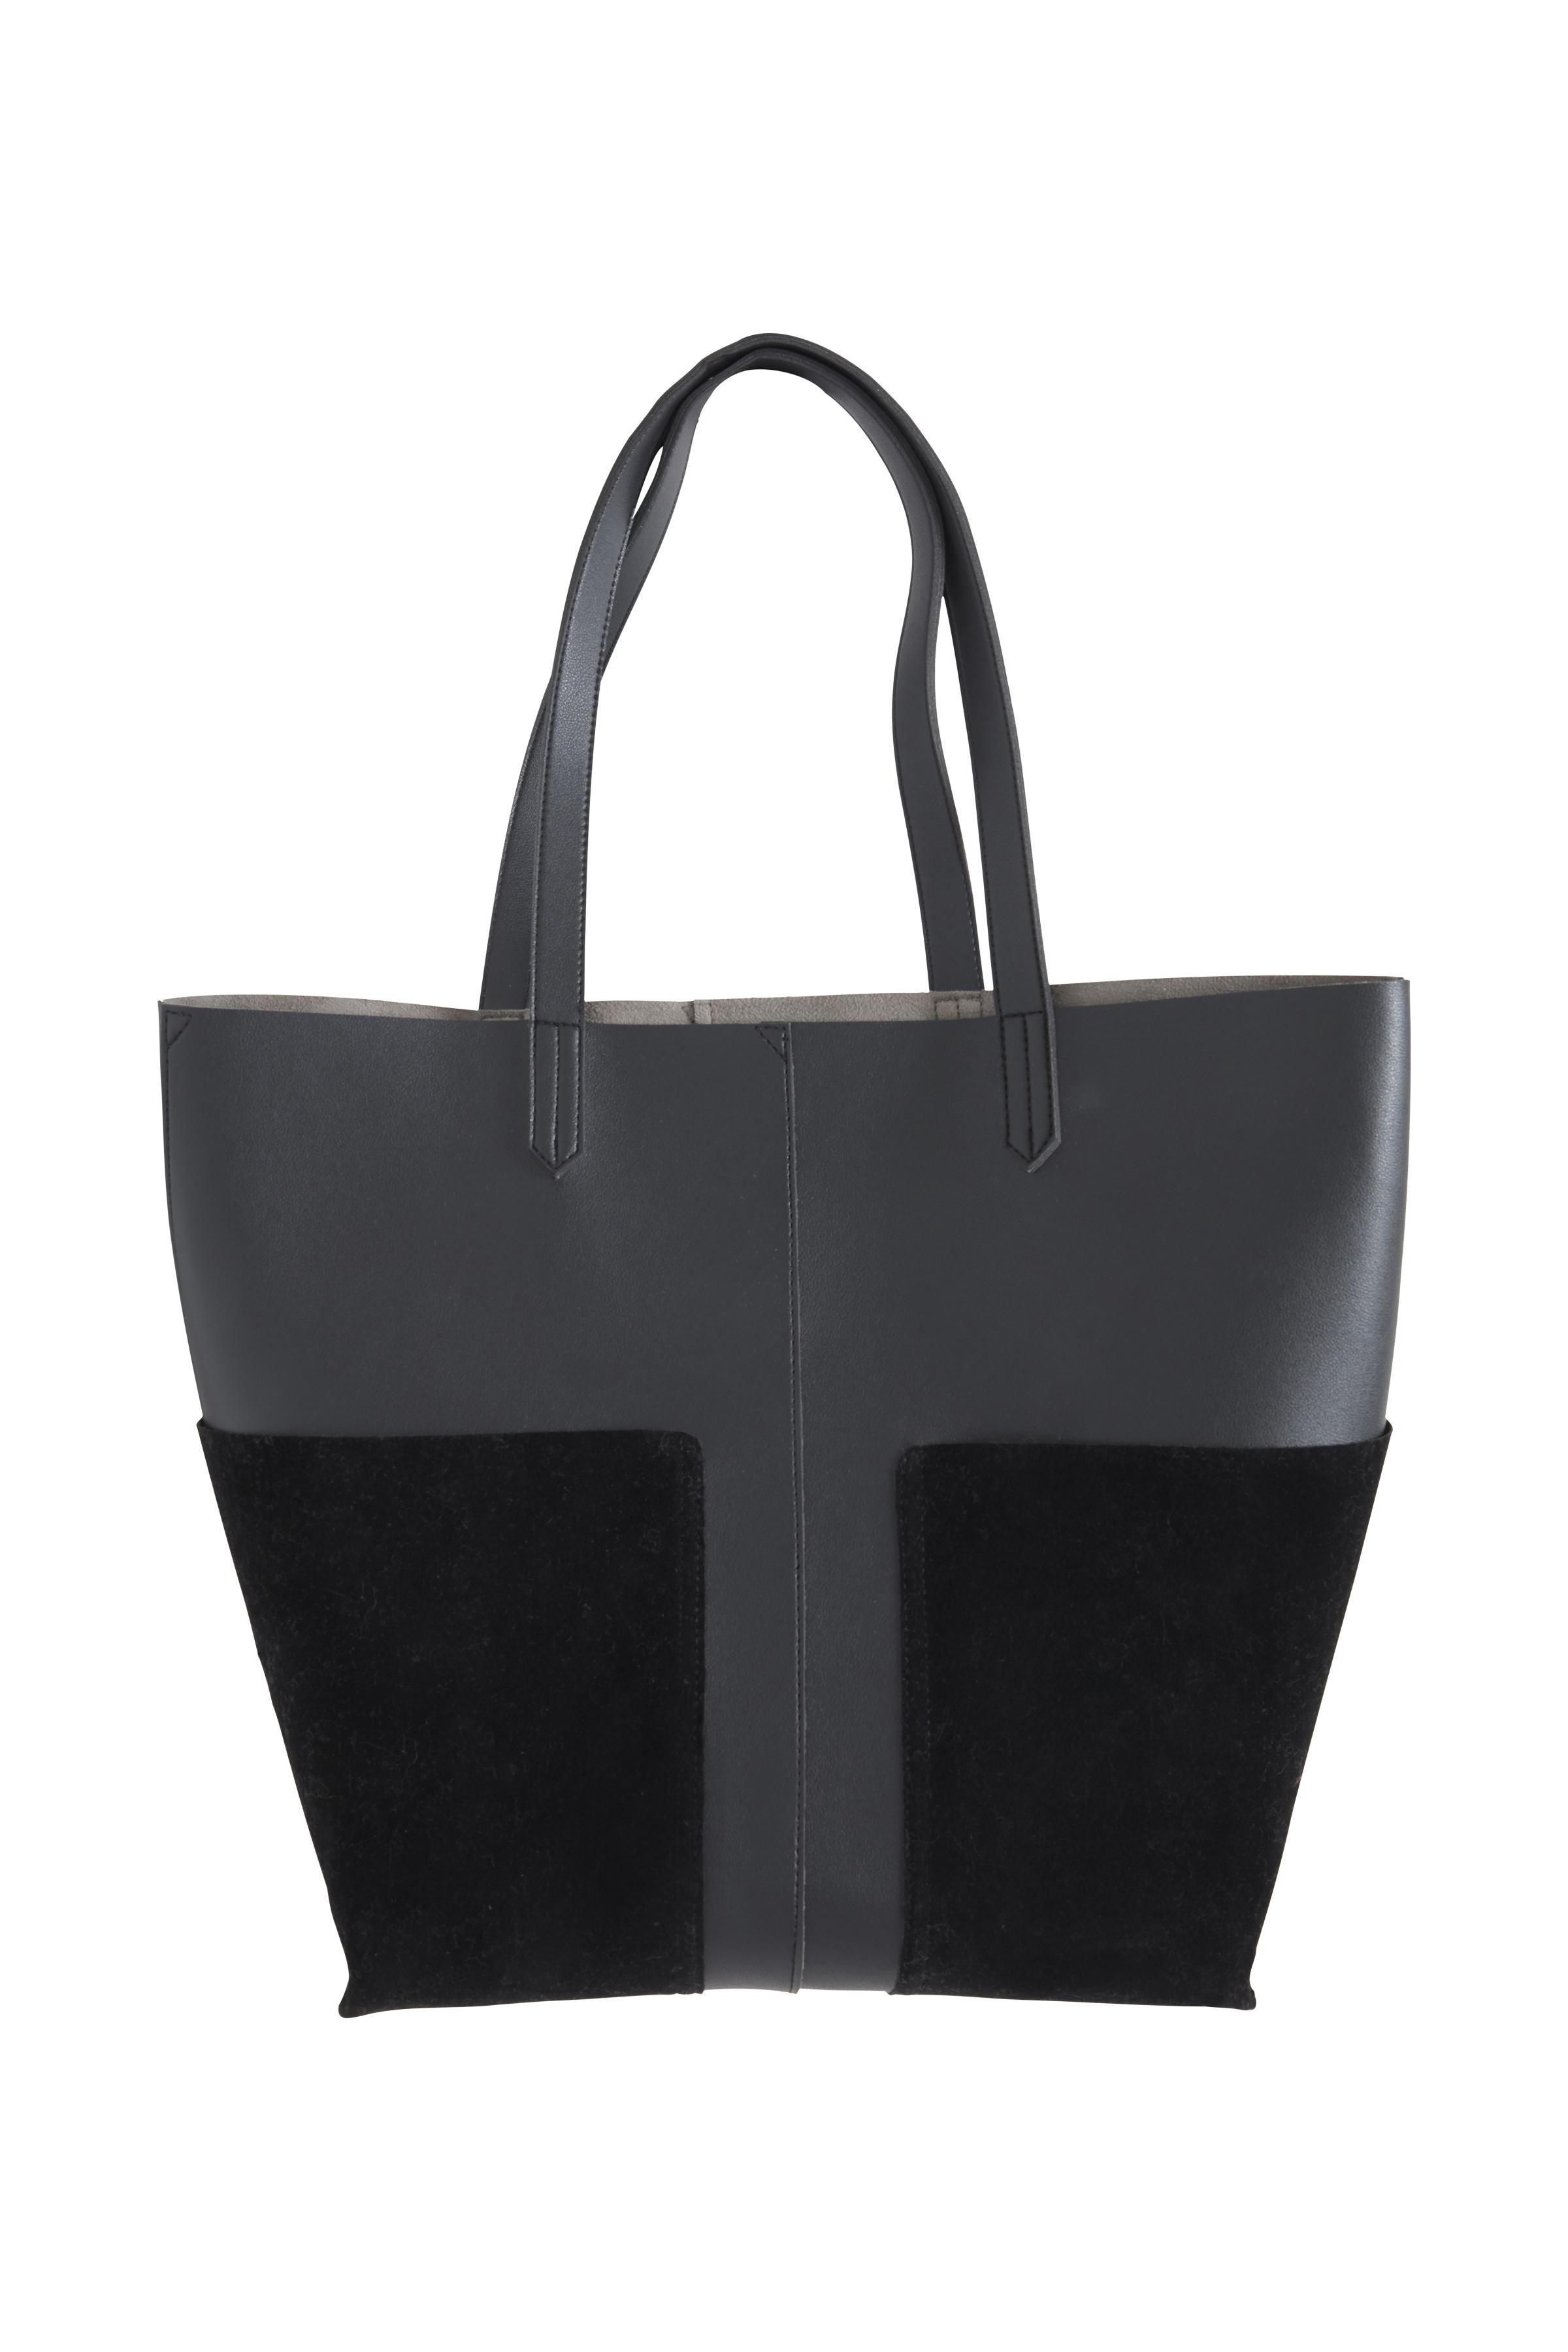 Schwarz Tasche von Ichi - accessories – Shoppen Sie Schwarz Tasche ab Gr. ONE hier